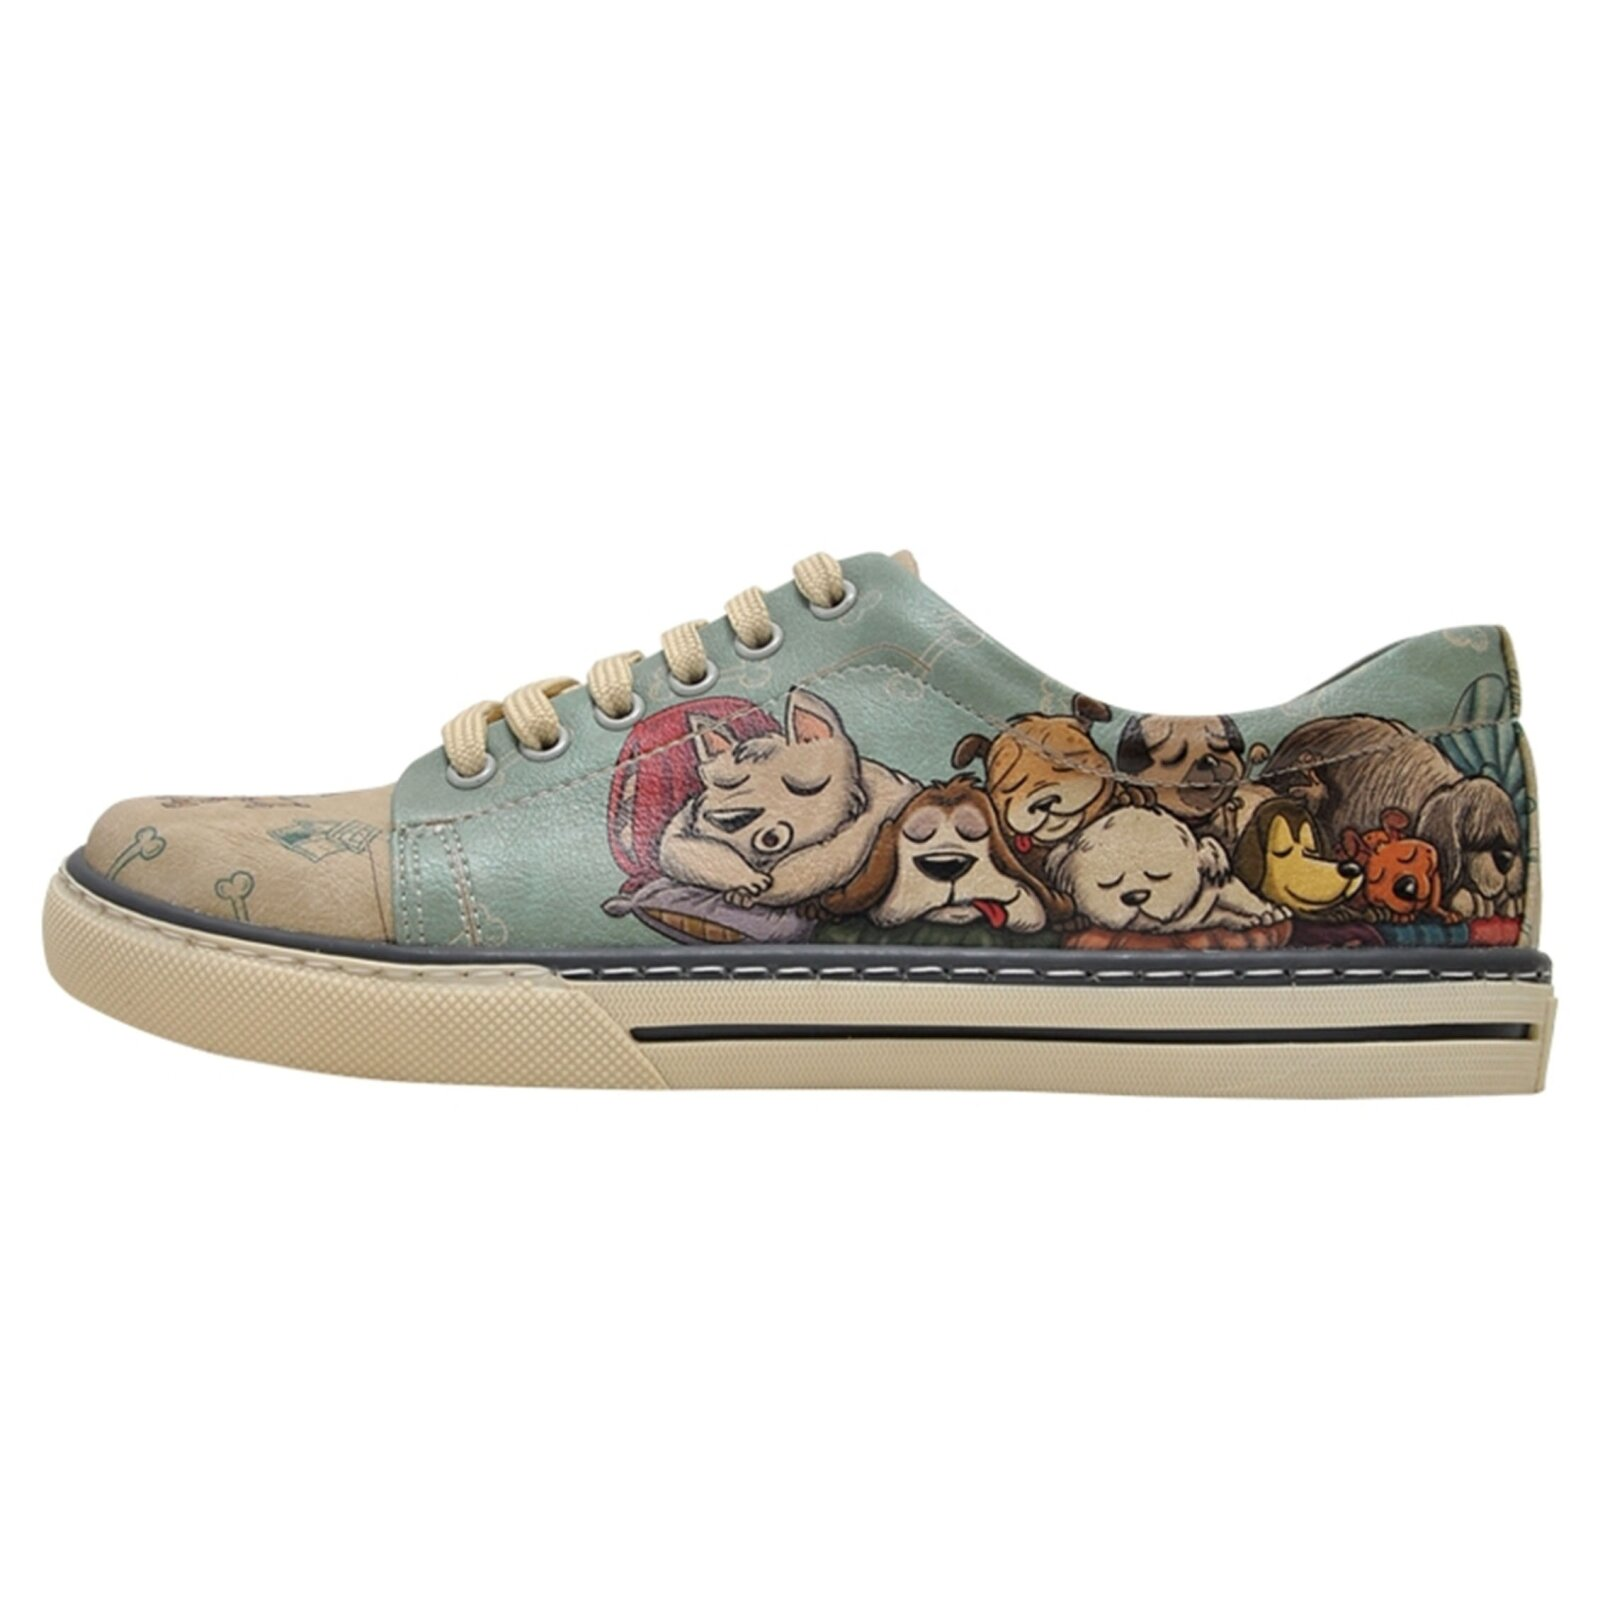 DOGO Sneaker - Sleeping Dogs